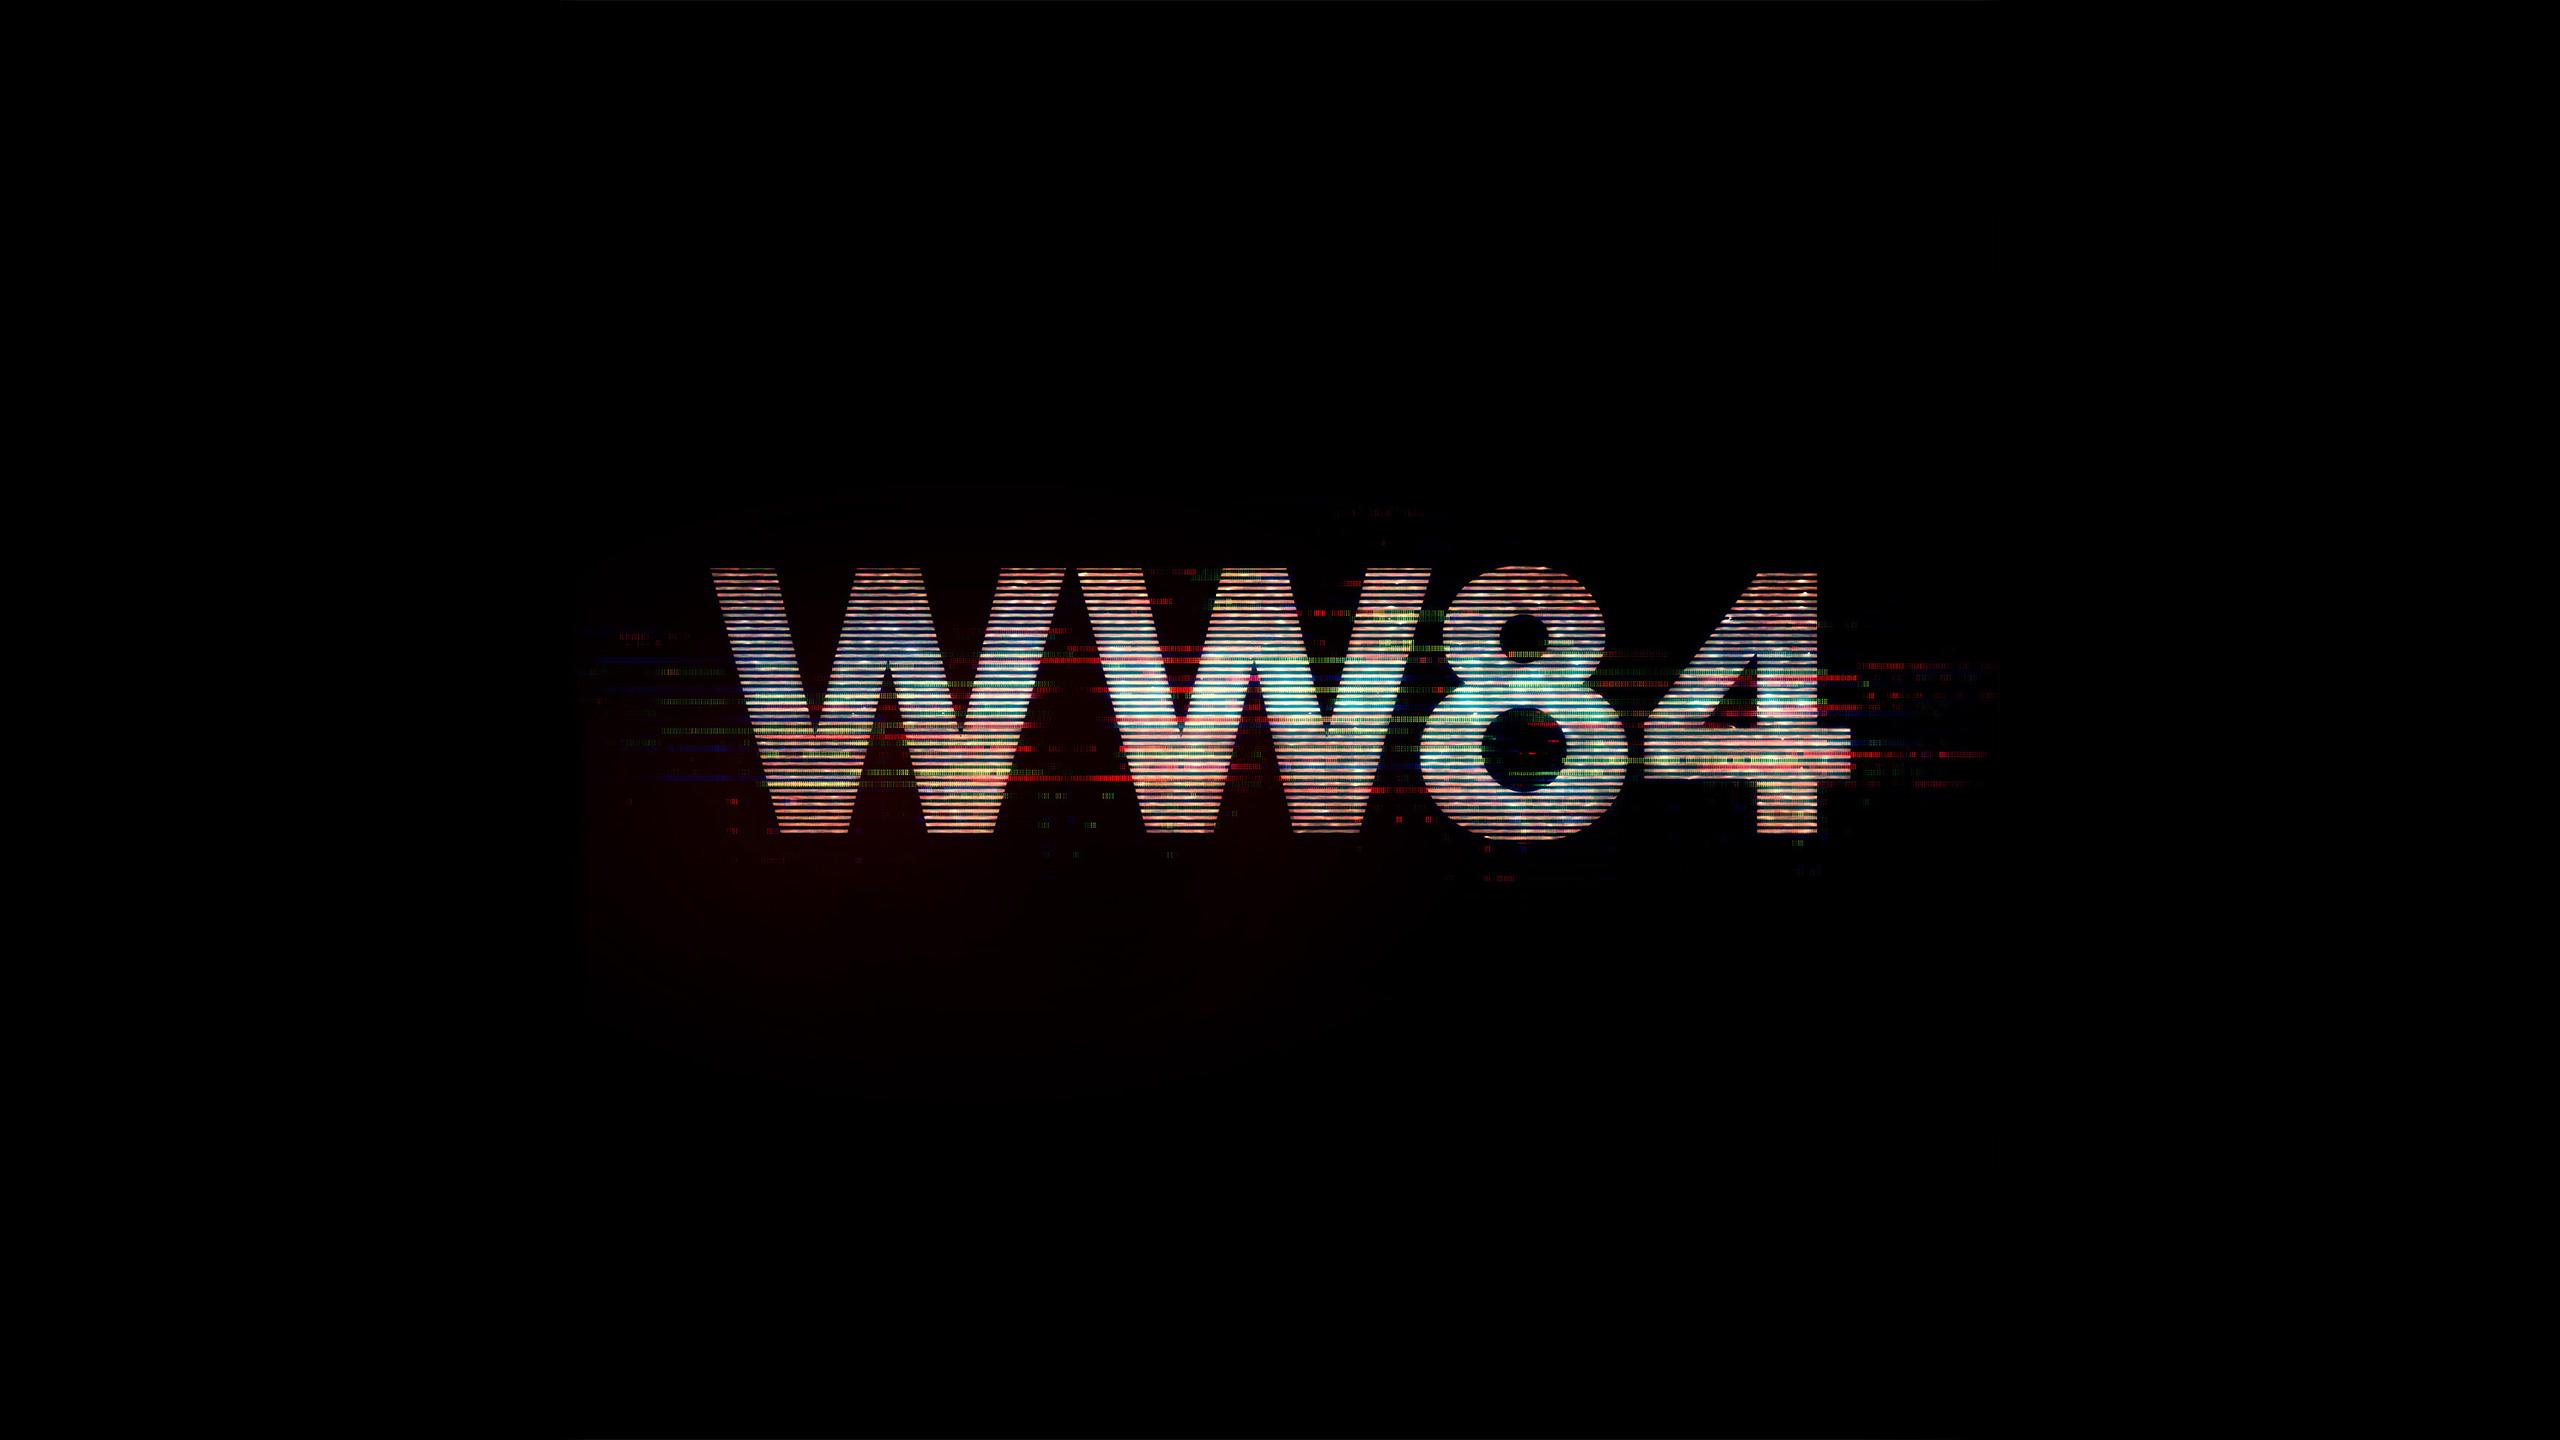 wonder-woman-1984-le-tournage-est-boucle